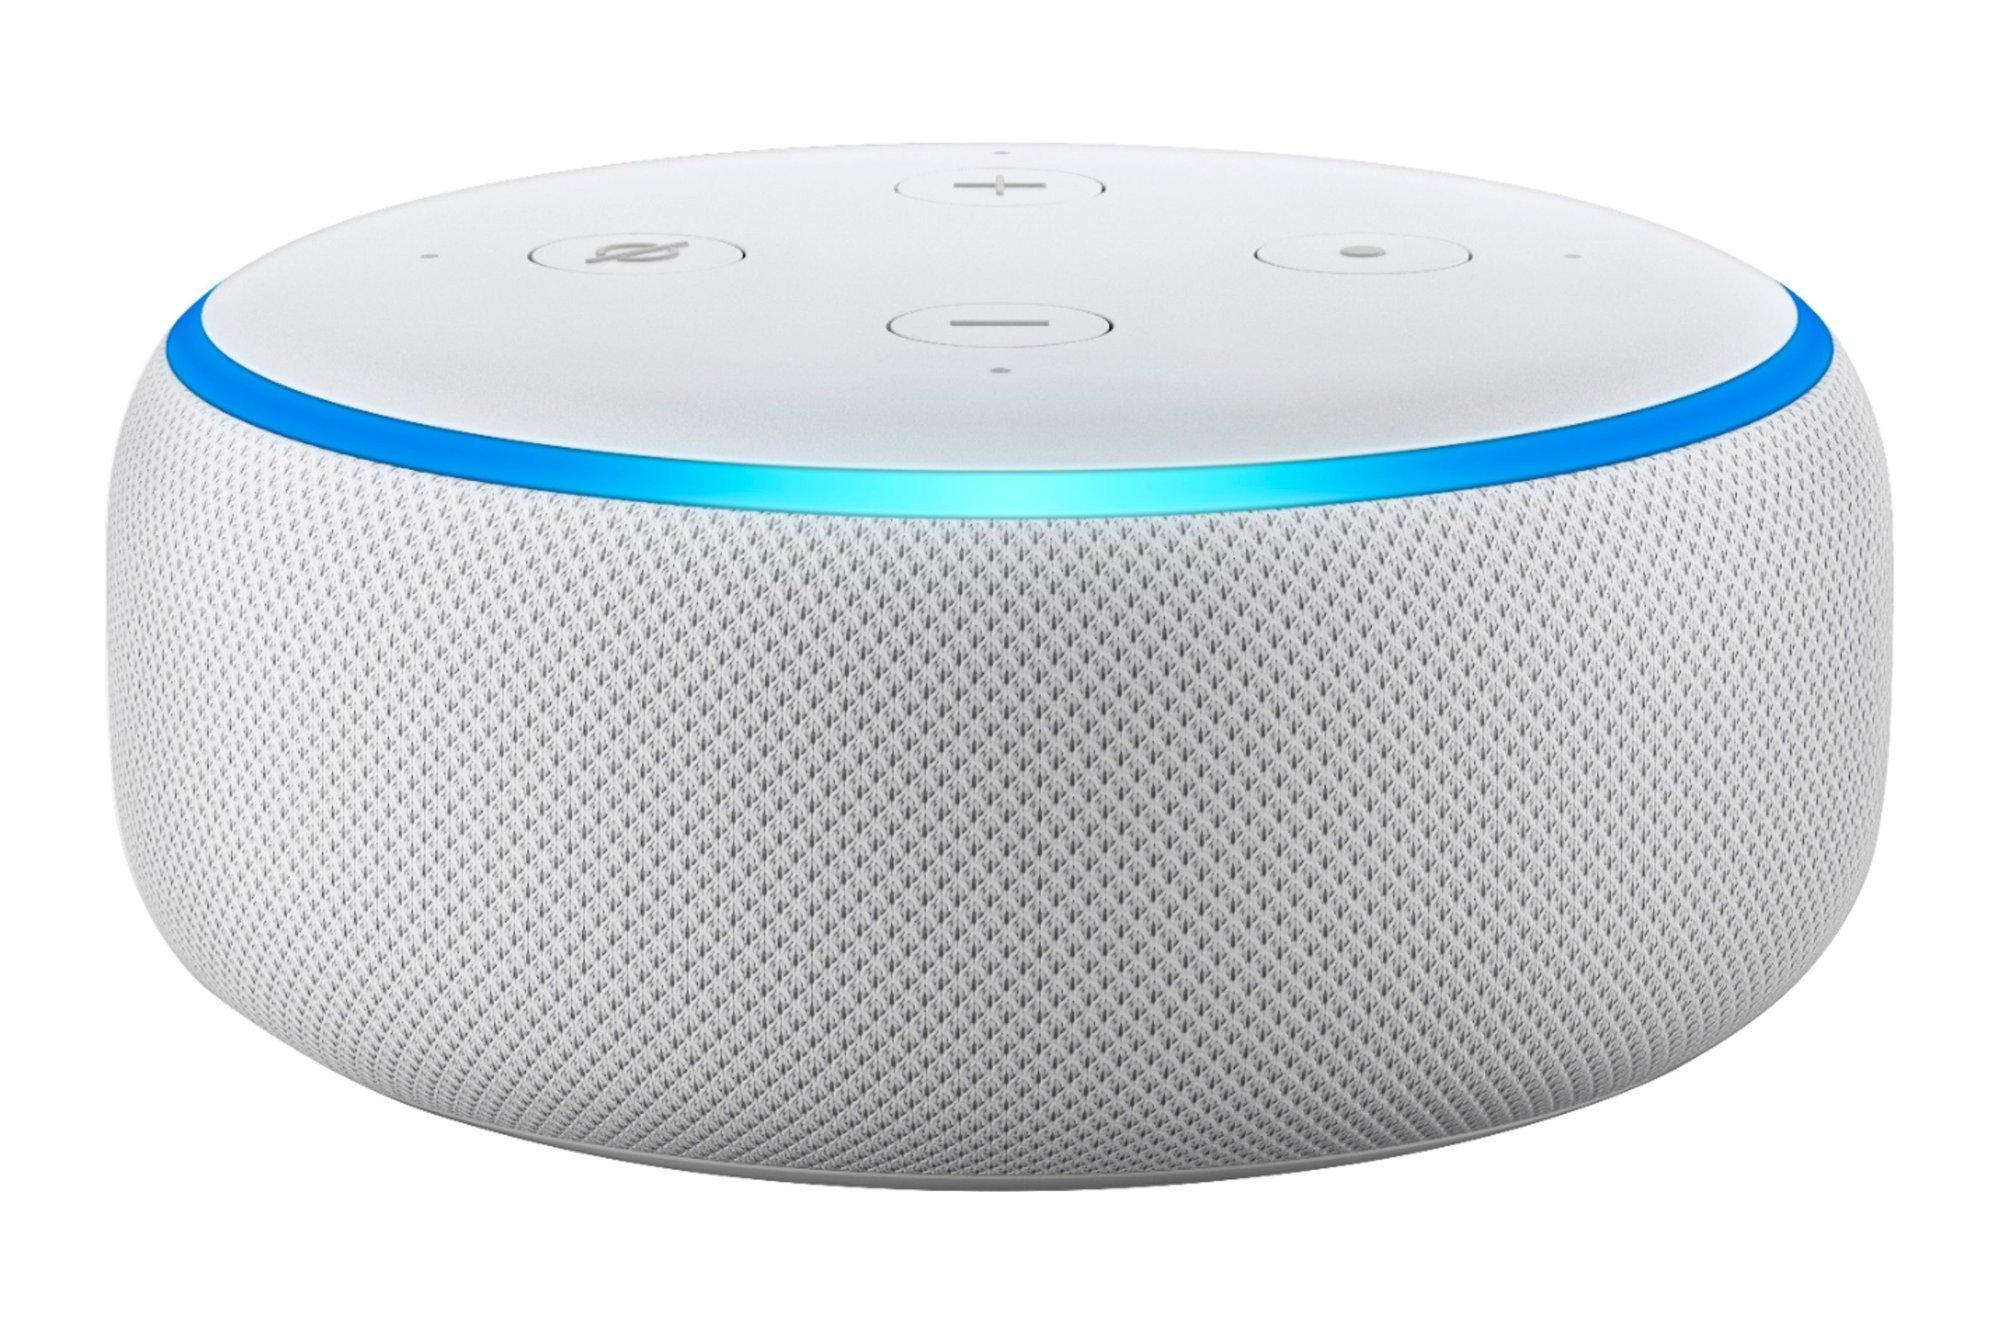 Inteligentny Głośnik Amazon Echo Dot 3 gen. Biały